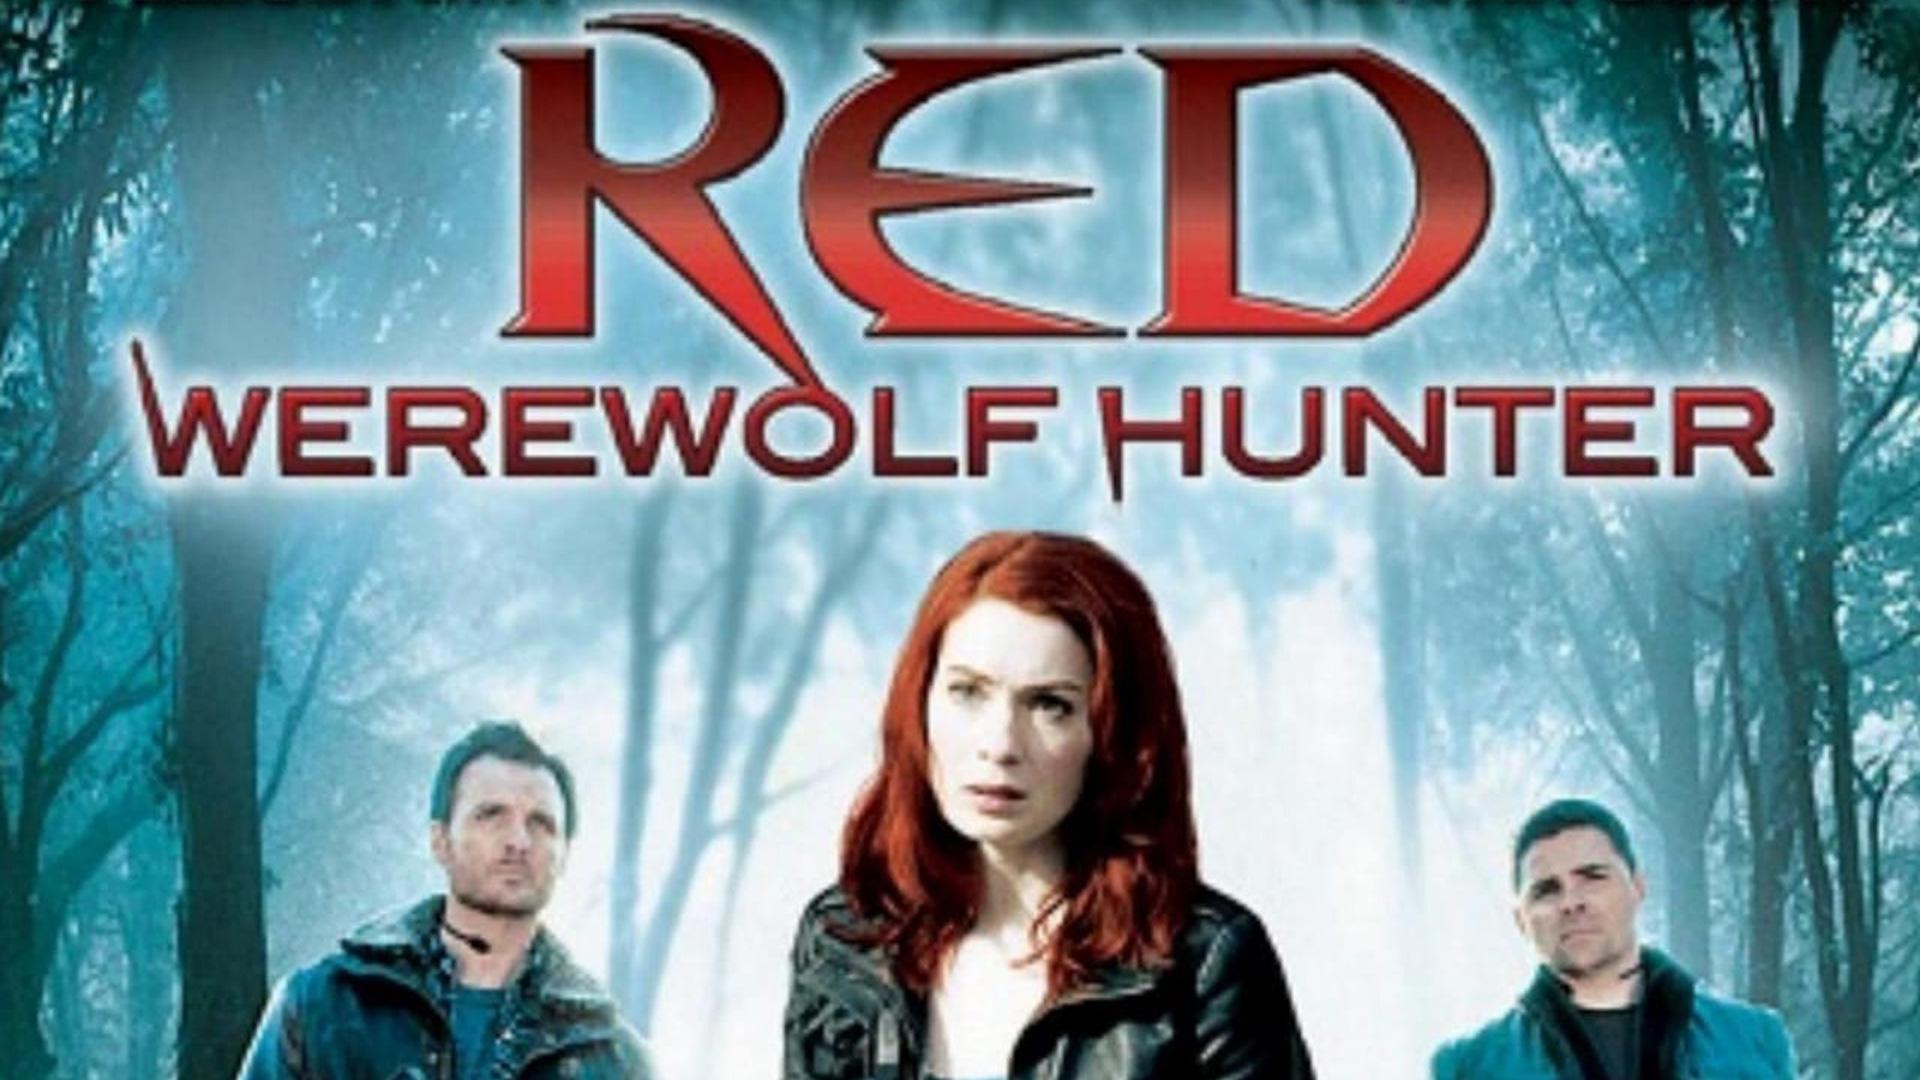 Red:werewolf Hunter